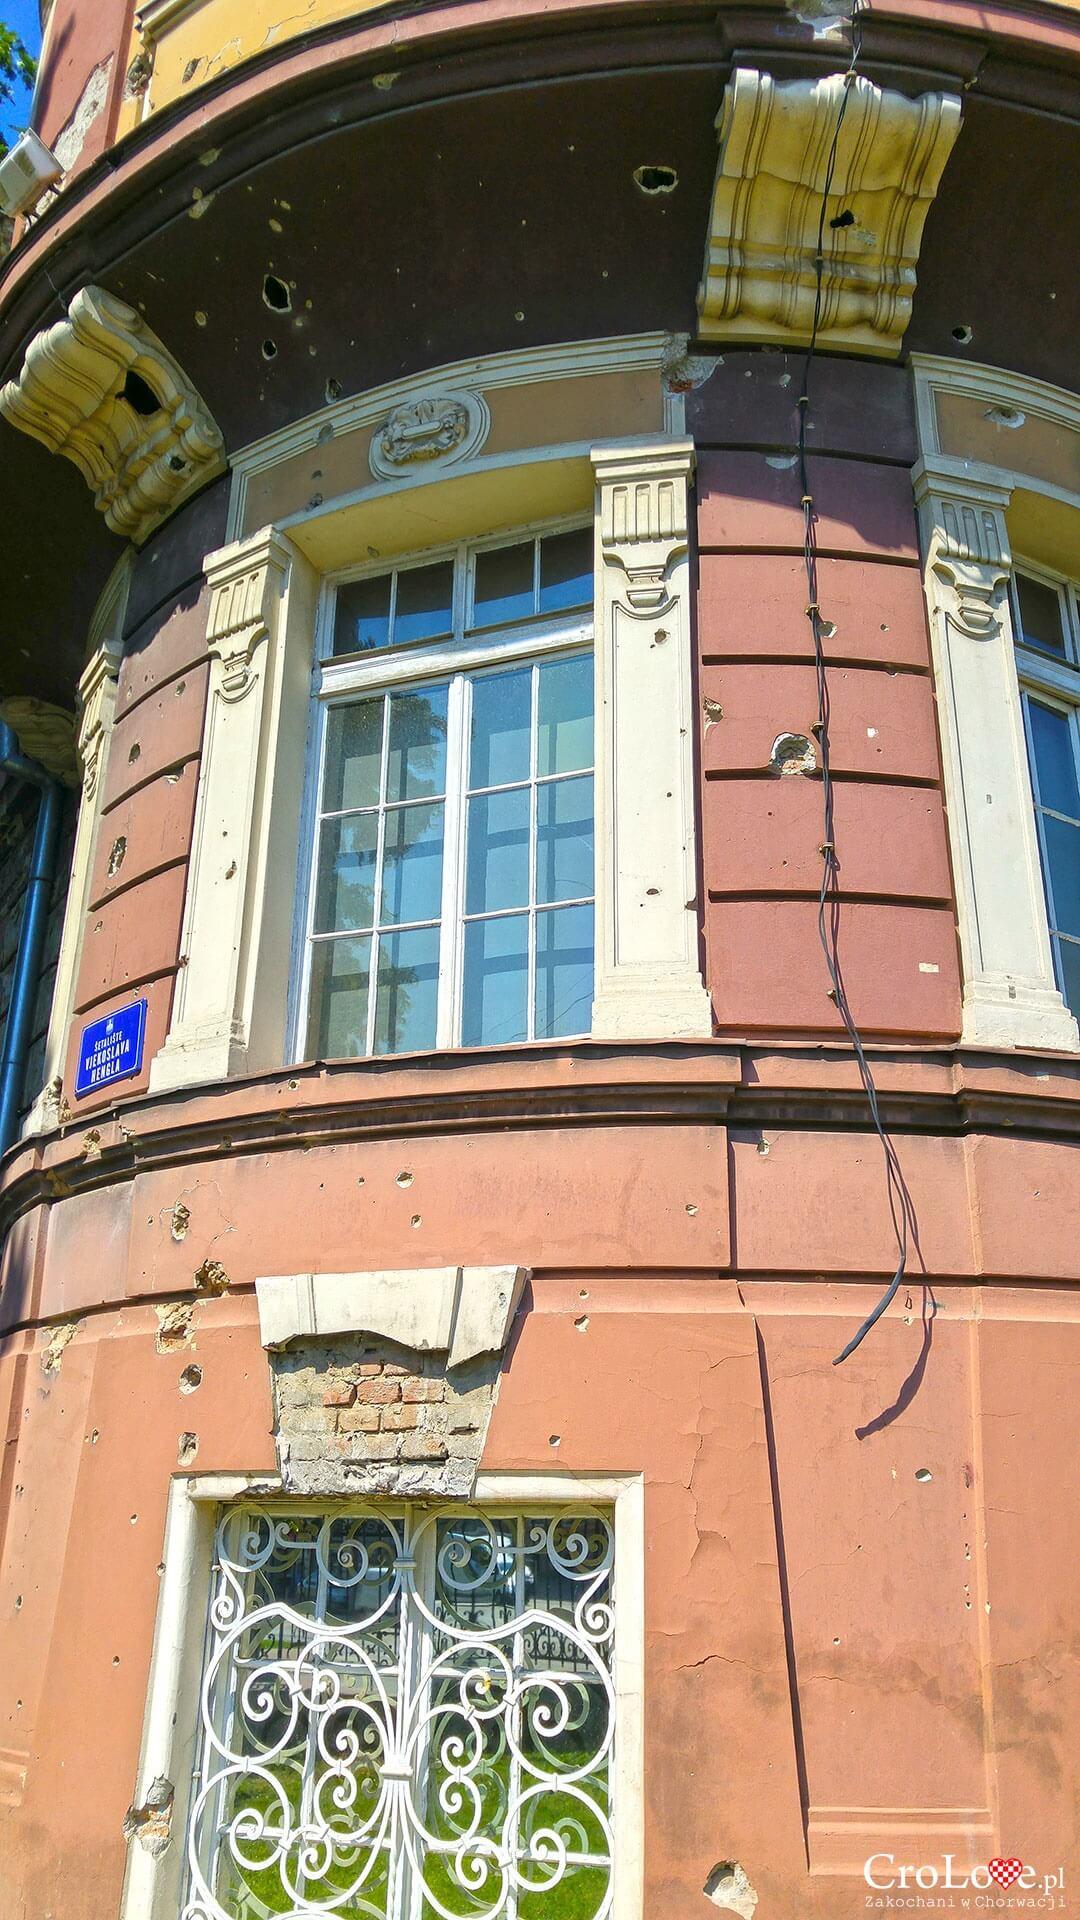 Ślady wojny na budynku w Osijeku